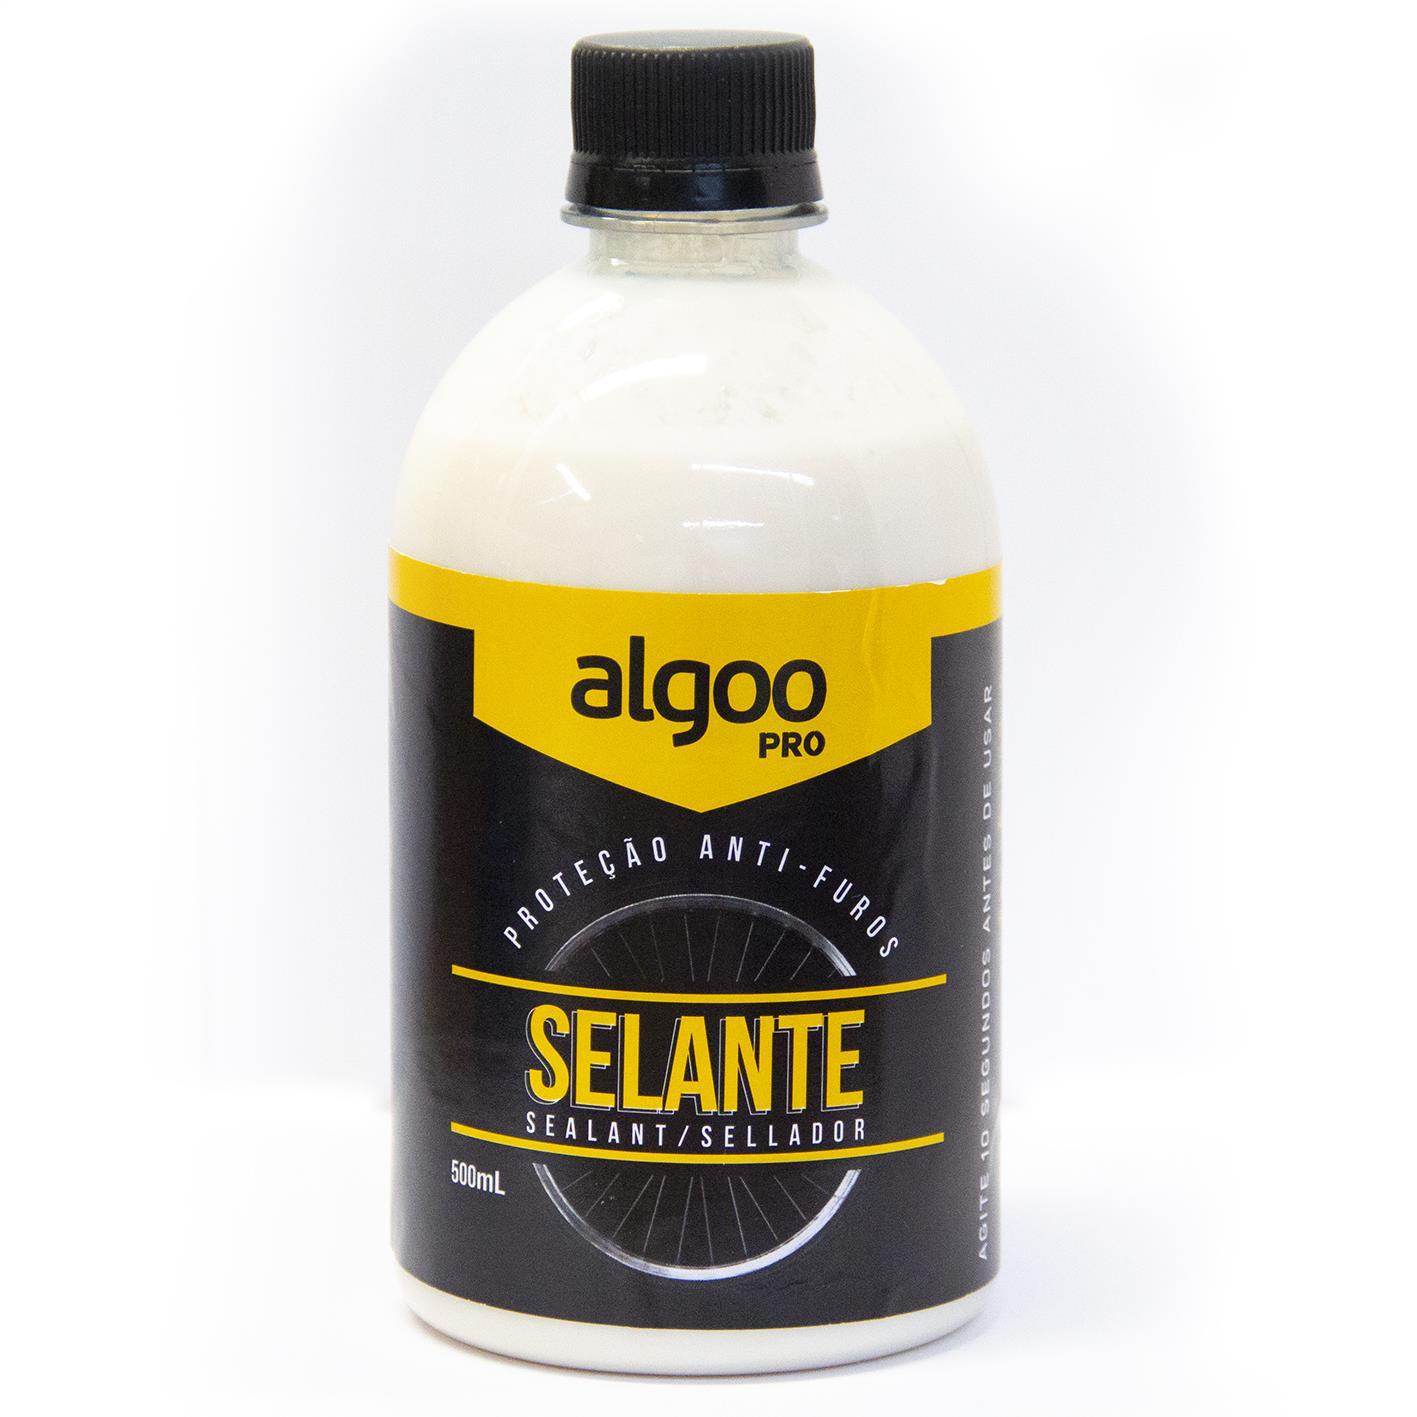 https://seppia.com.br/wp-content/uploads/2021/06/Selante-Sem-Am%C3%B4nia-Algoo-Powersports-1.jpg